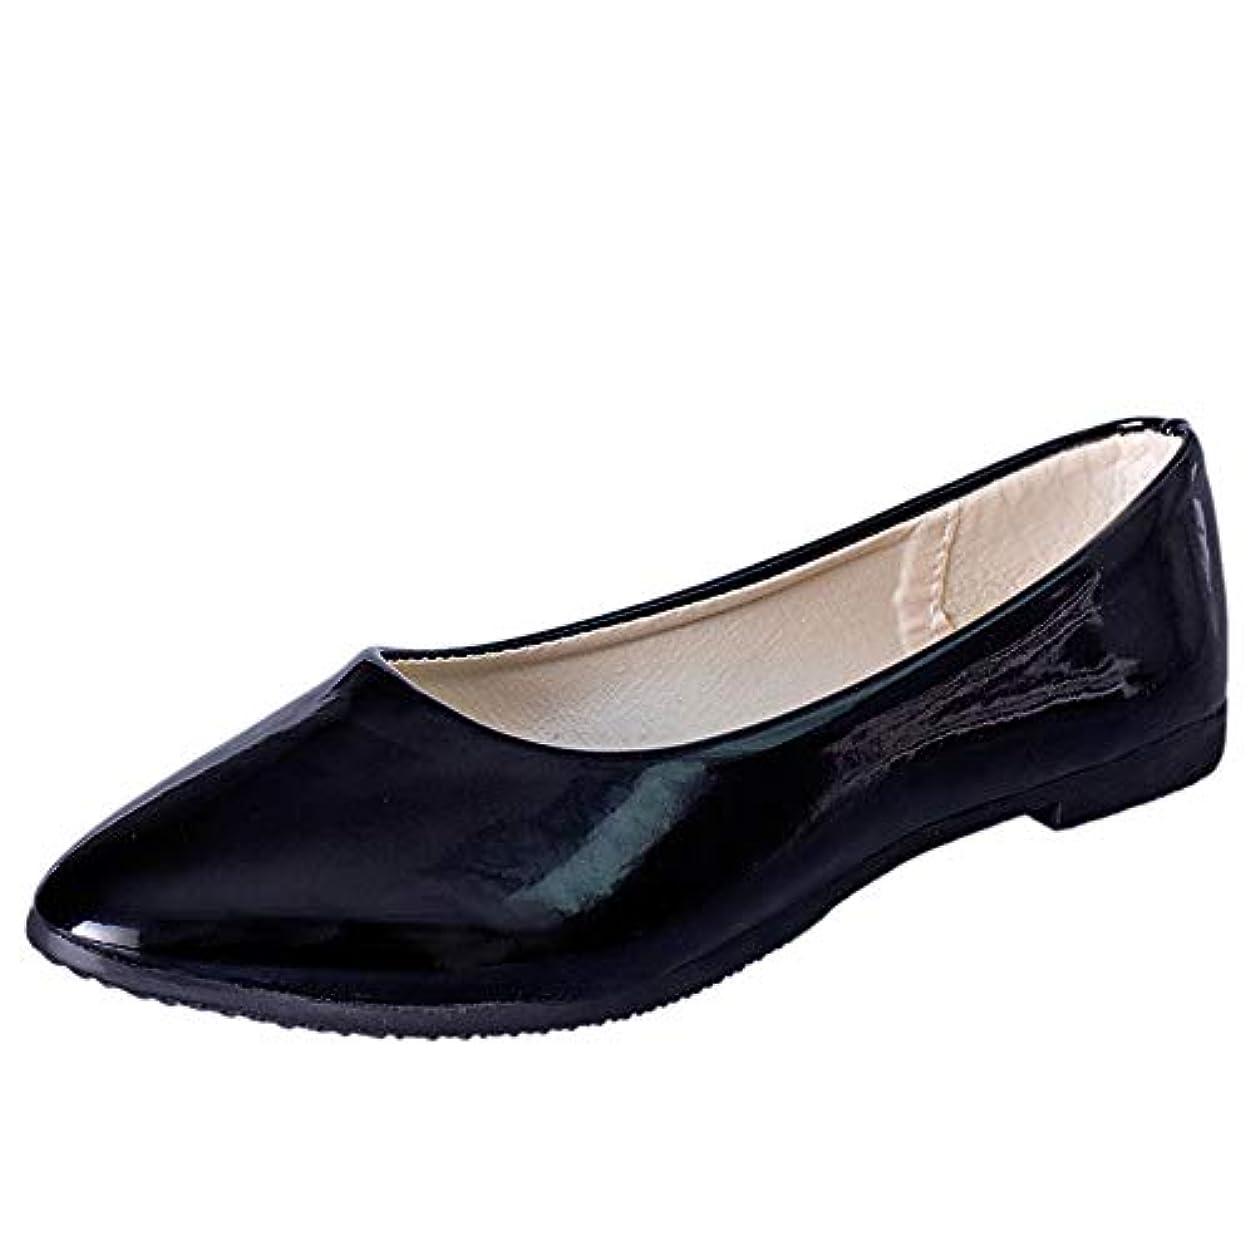 着るどれでも好きレディース サンダル Tongdaxinxi 女性 カジュアルなローファーの靴 平らな尖ったつま先の革 スリップ フラットシューズ 通勤 軽量 疲れにくい 大きいサイズ レディース サンダル 春 夏 秋 冬 快適